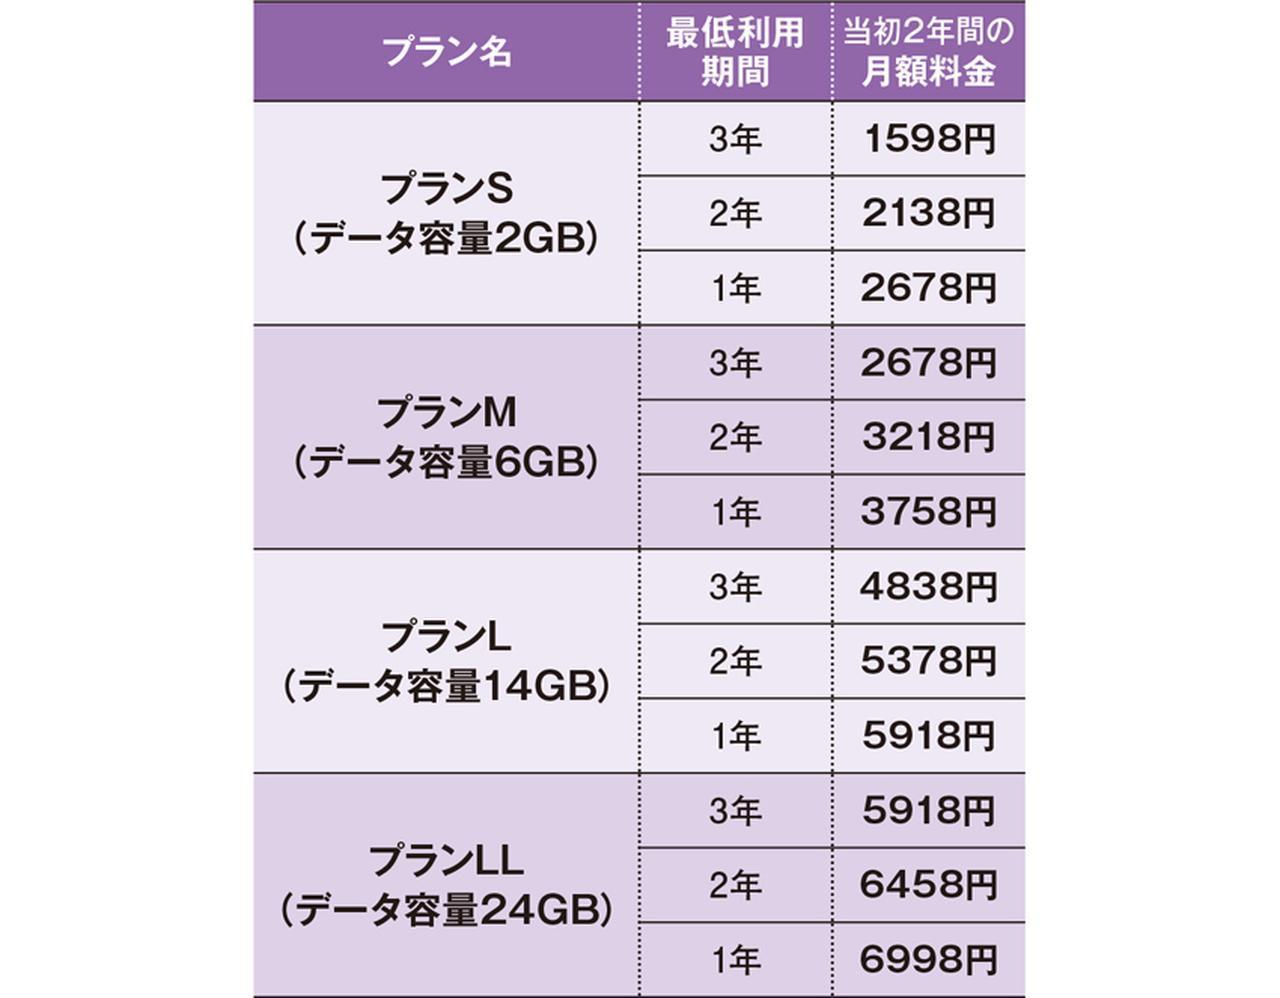 画像: 7月にリニューアルされた「スーパーホーダイ」は、最低利用期間によって割引額が変わる。いずれも割引期間は2年間なので、3年契約の場合、プランSの3年めは月額3218円となる。 ※上記は、楽天会員の場合の料金。1回10分までの通話が無料。